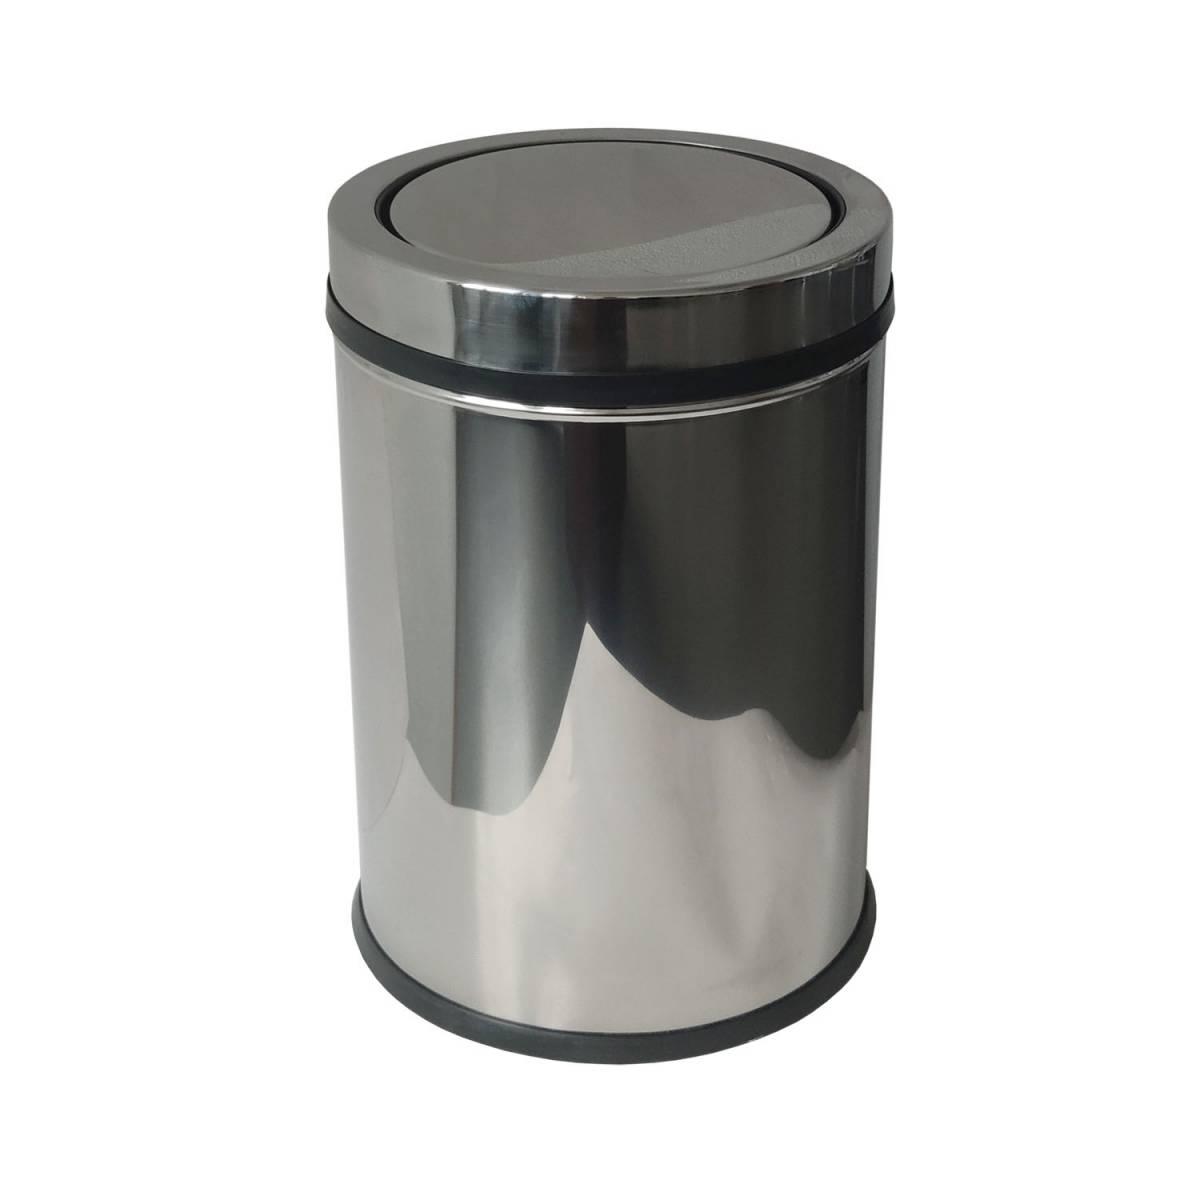 Ведро для мусора 32 л, урна с поворотной крышкой из нержавеющей стали 514400 Noksi